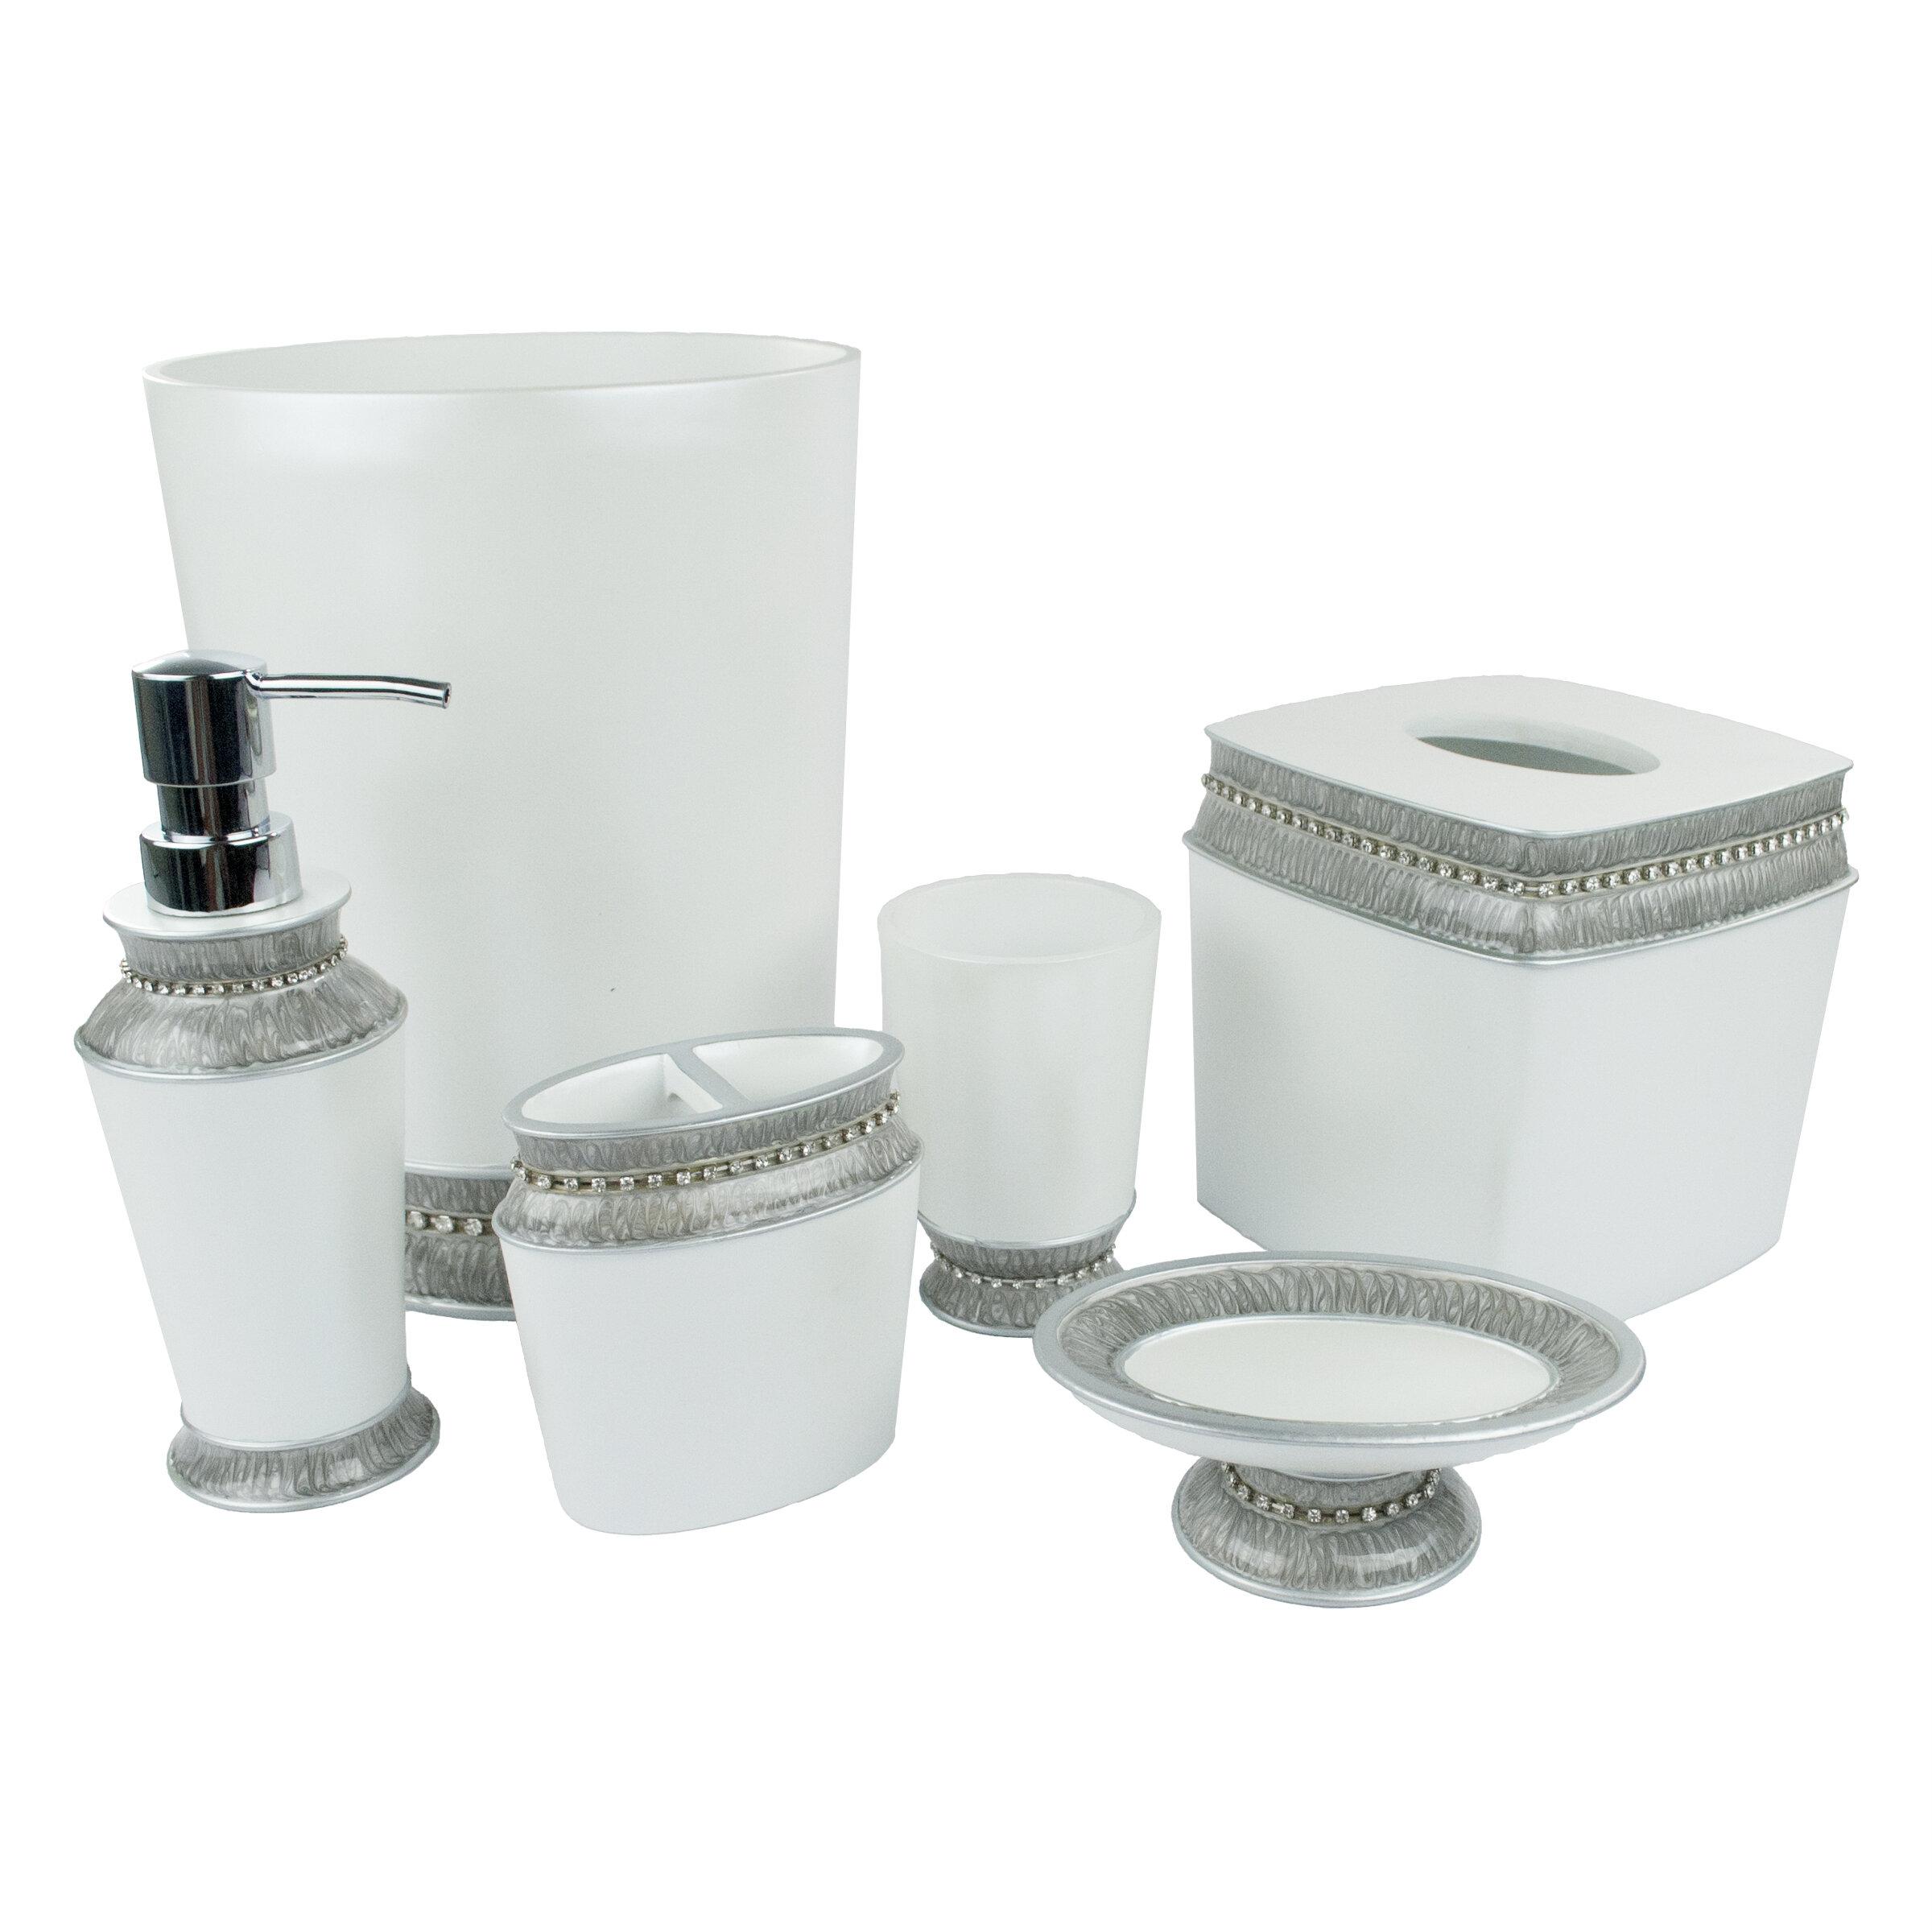 Deluna 6 Piece Bathroom Accessory Set